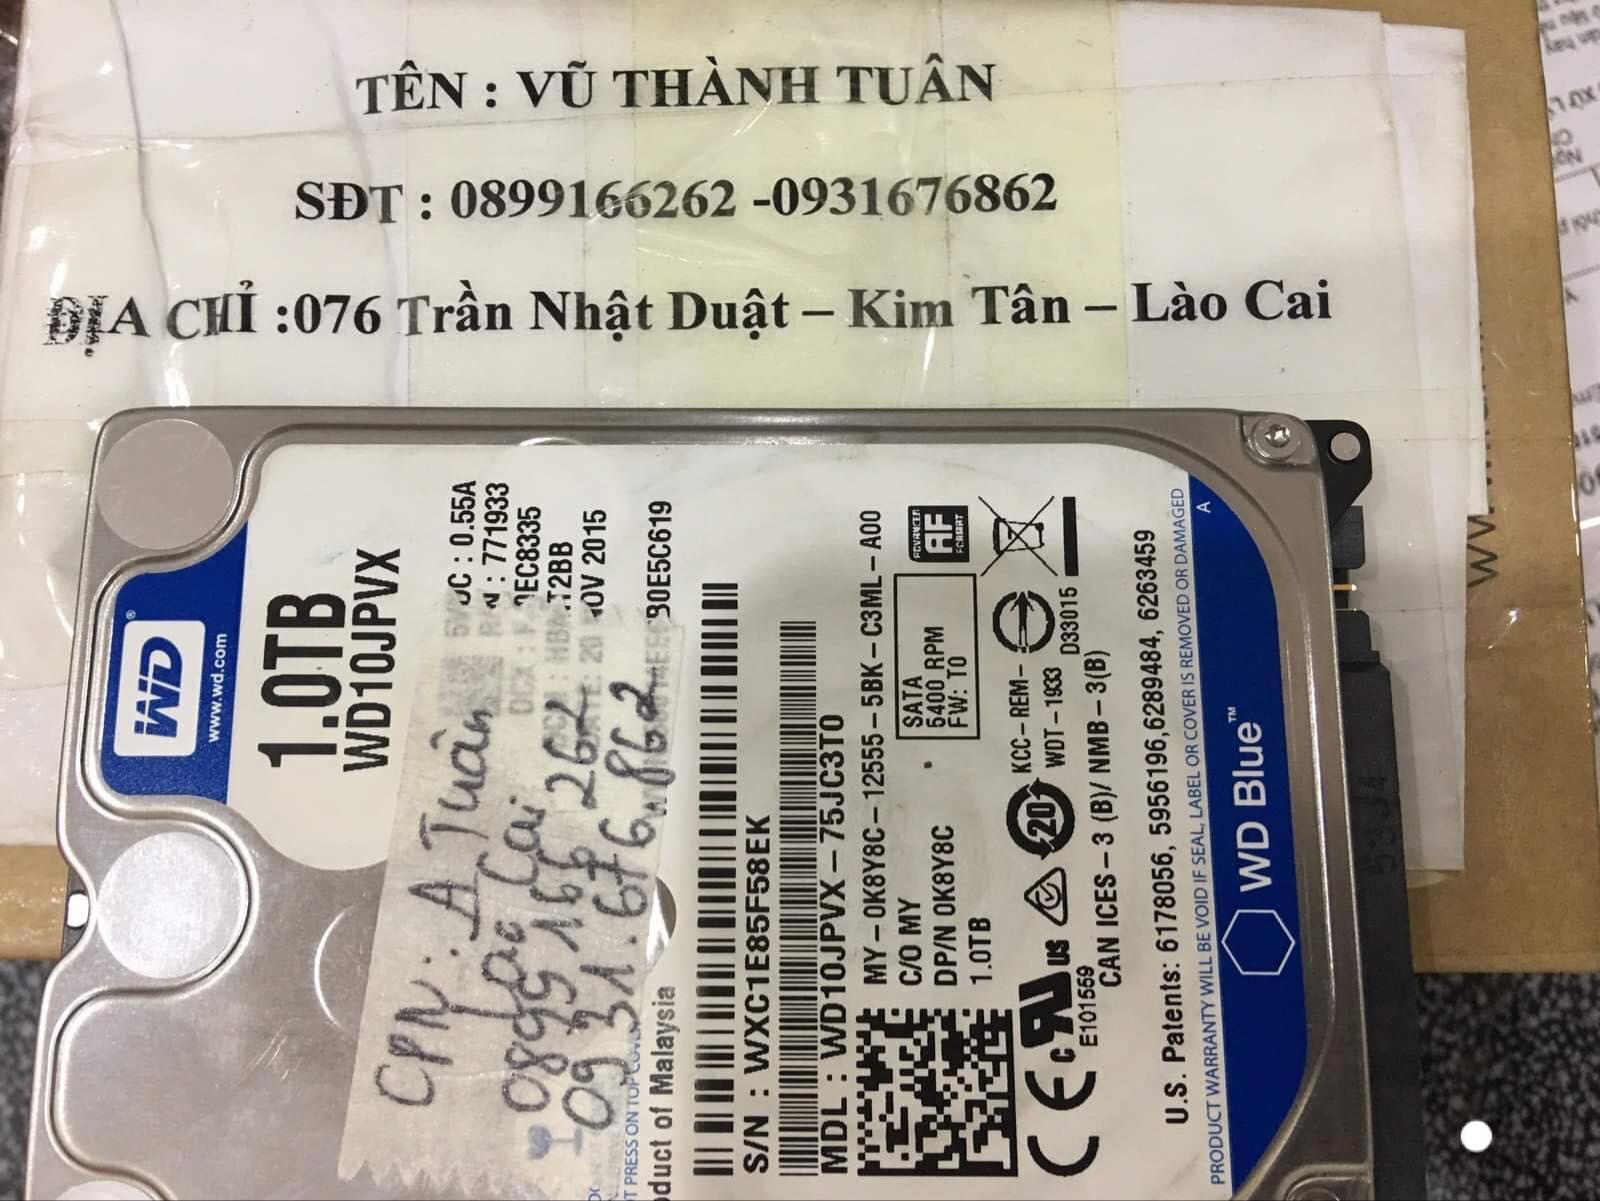 Lấy dữ liệu ổ cứng Western 1TB đầu đọc kém tại Lào Cai 31/12/2019 - cuumaytinh